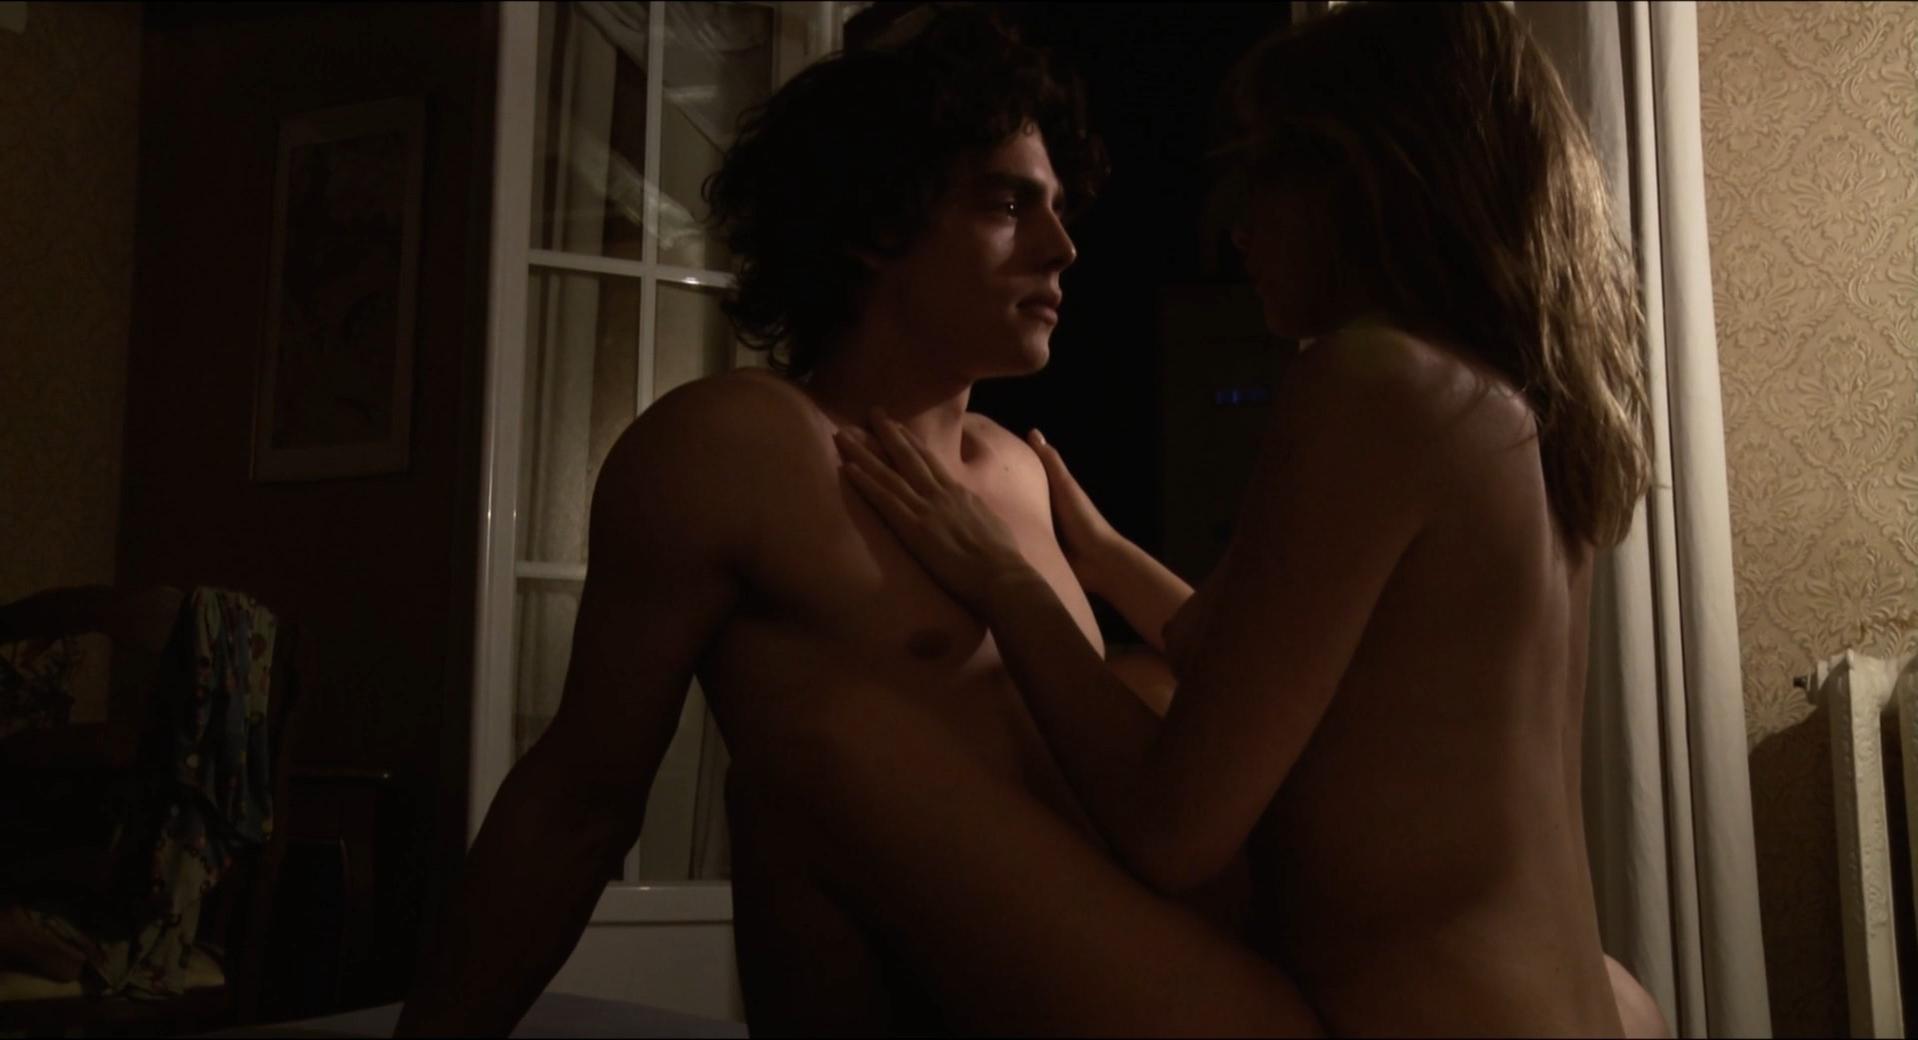 Lizzie brochere american translation in nude